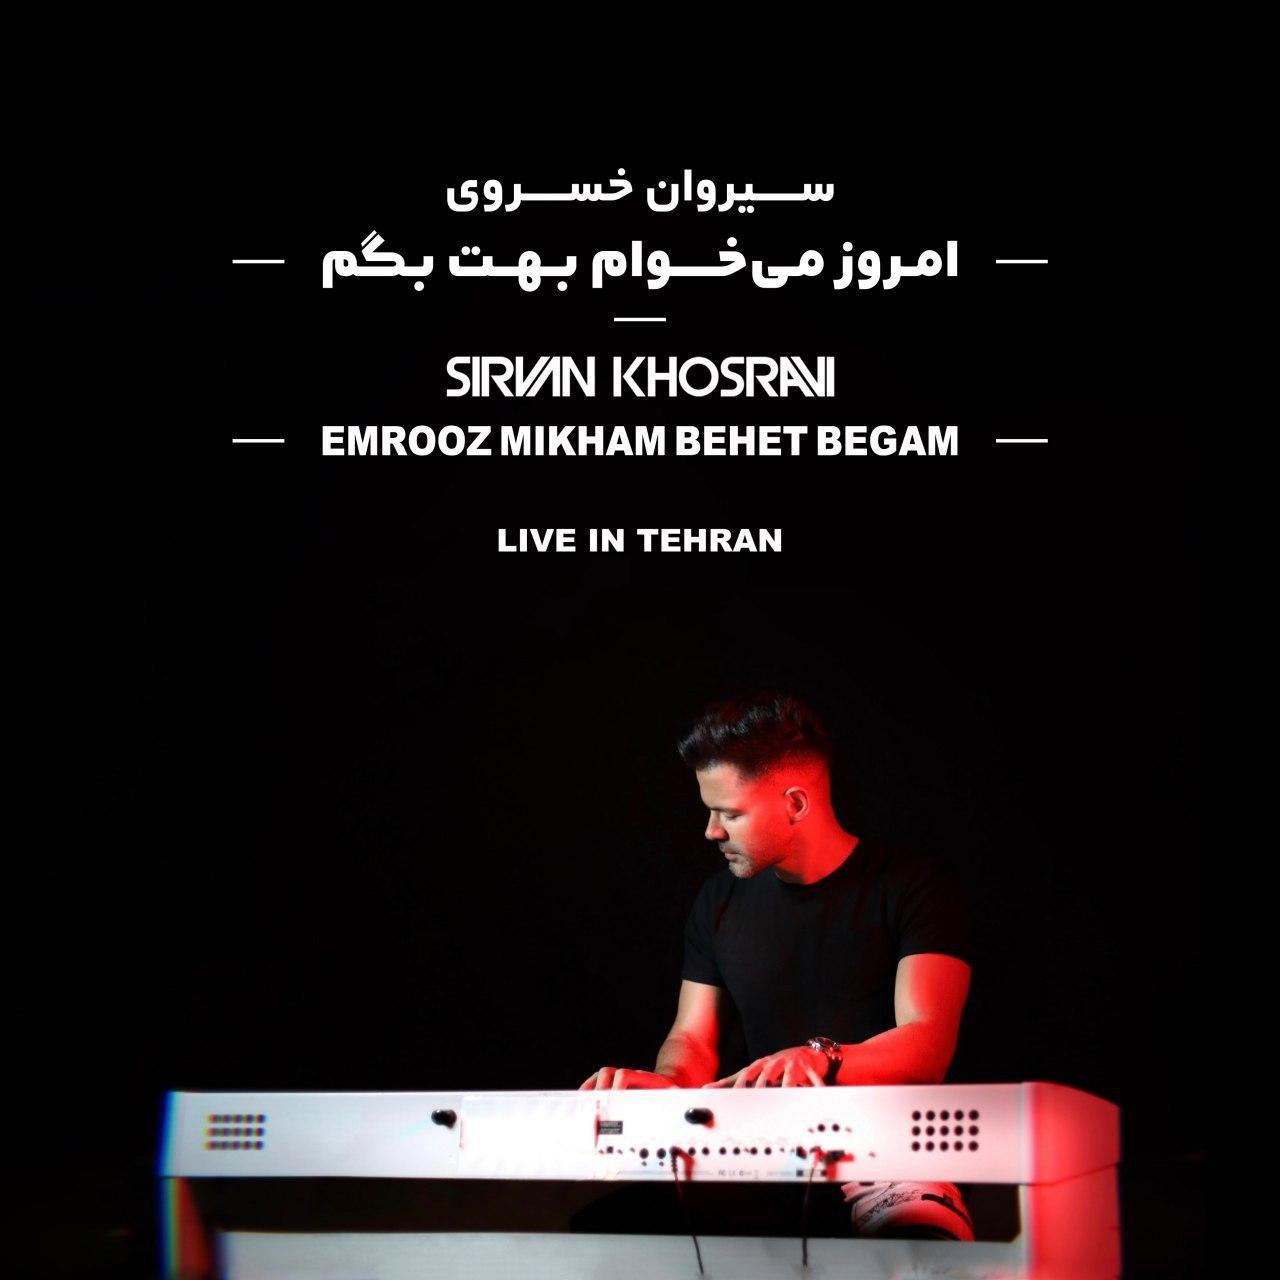 دانلود اجرای زنده آهنگ جدید سیروان خسروی به نام امروز میخوام بهت بگم